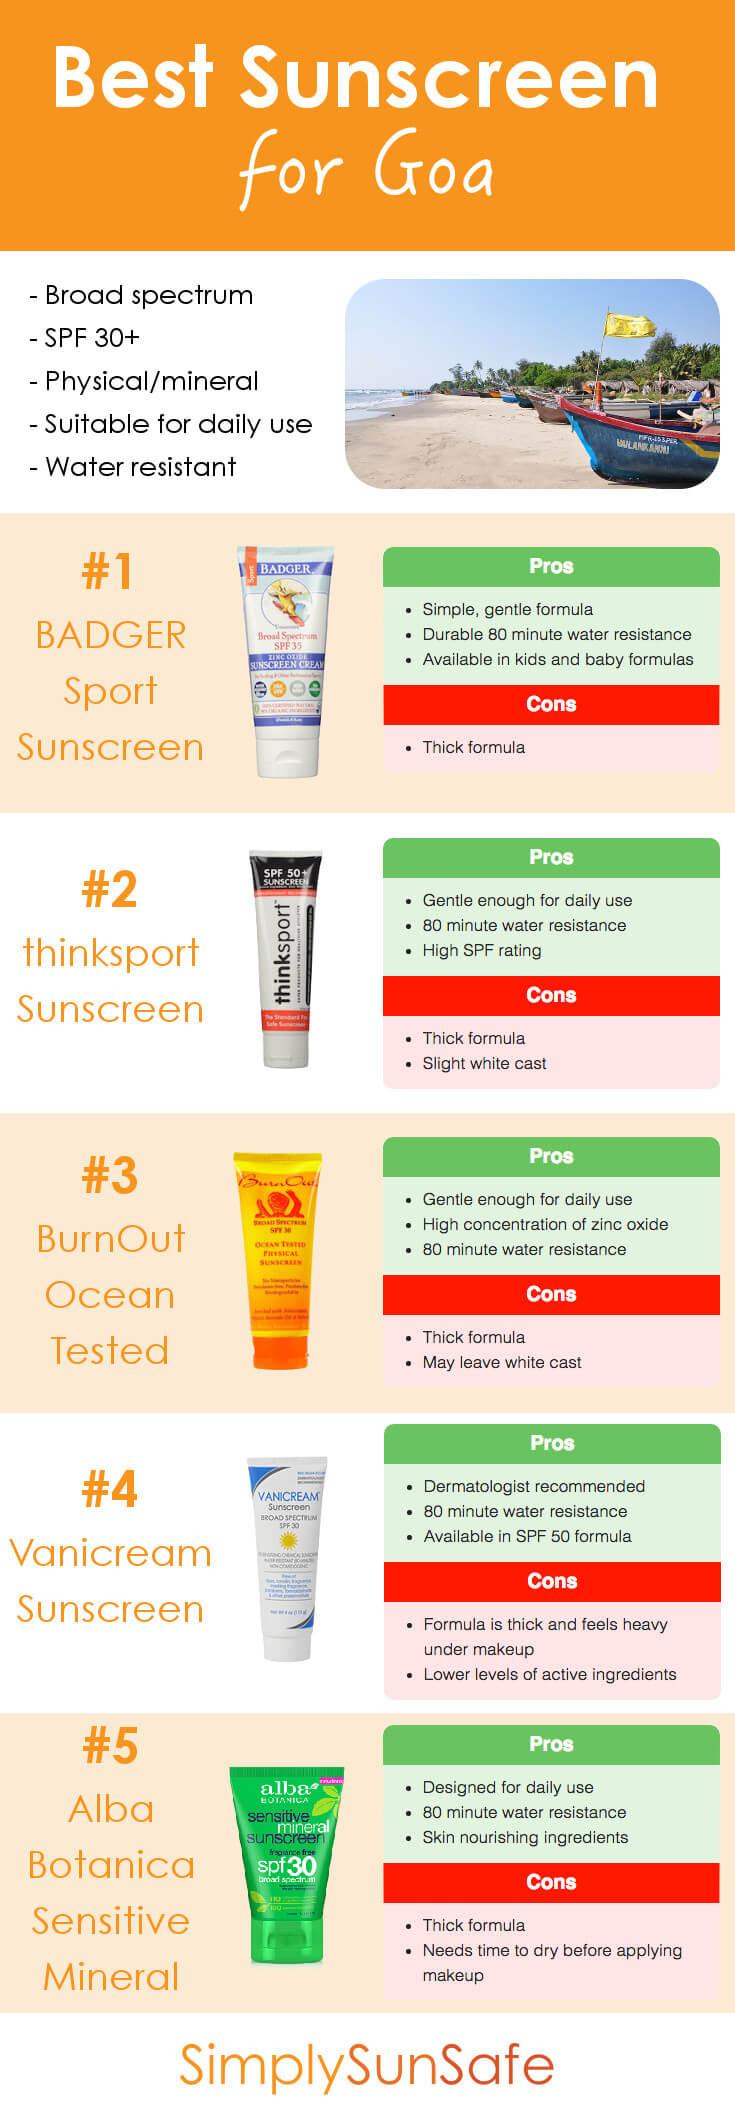 Best Sunscreen for Goa Pinterest